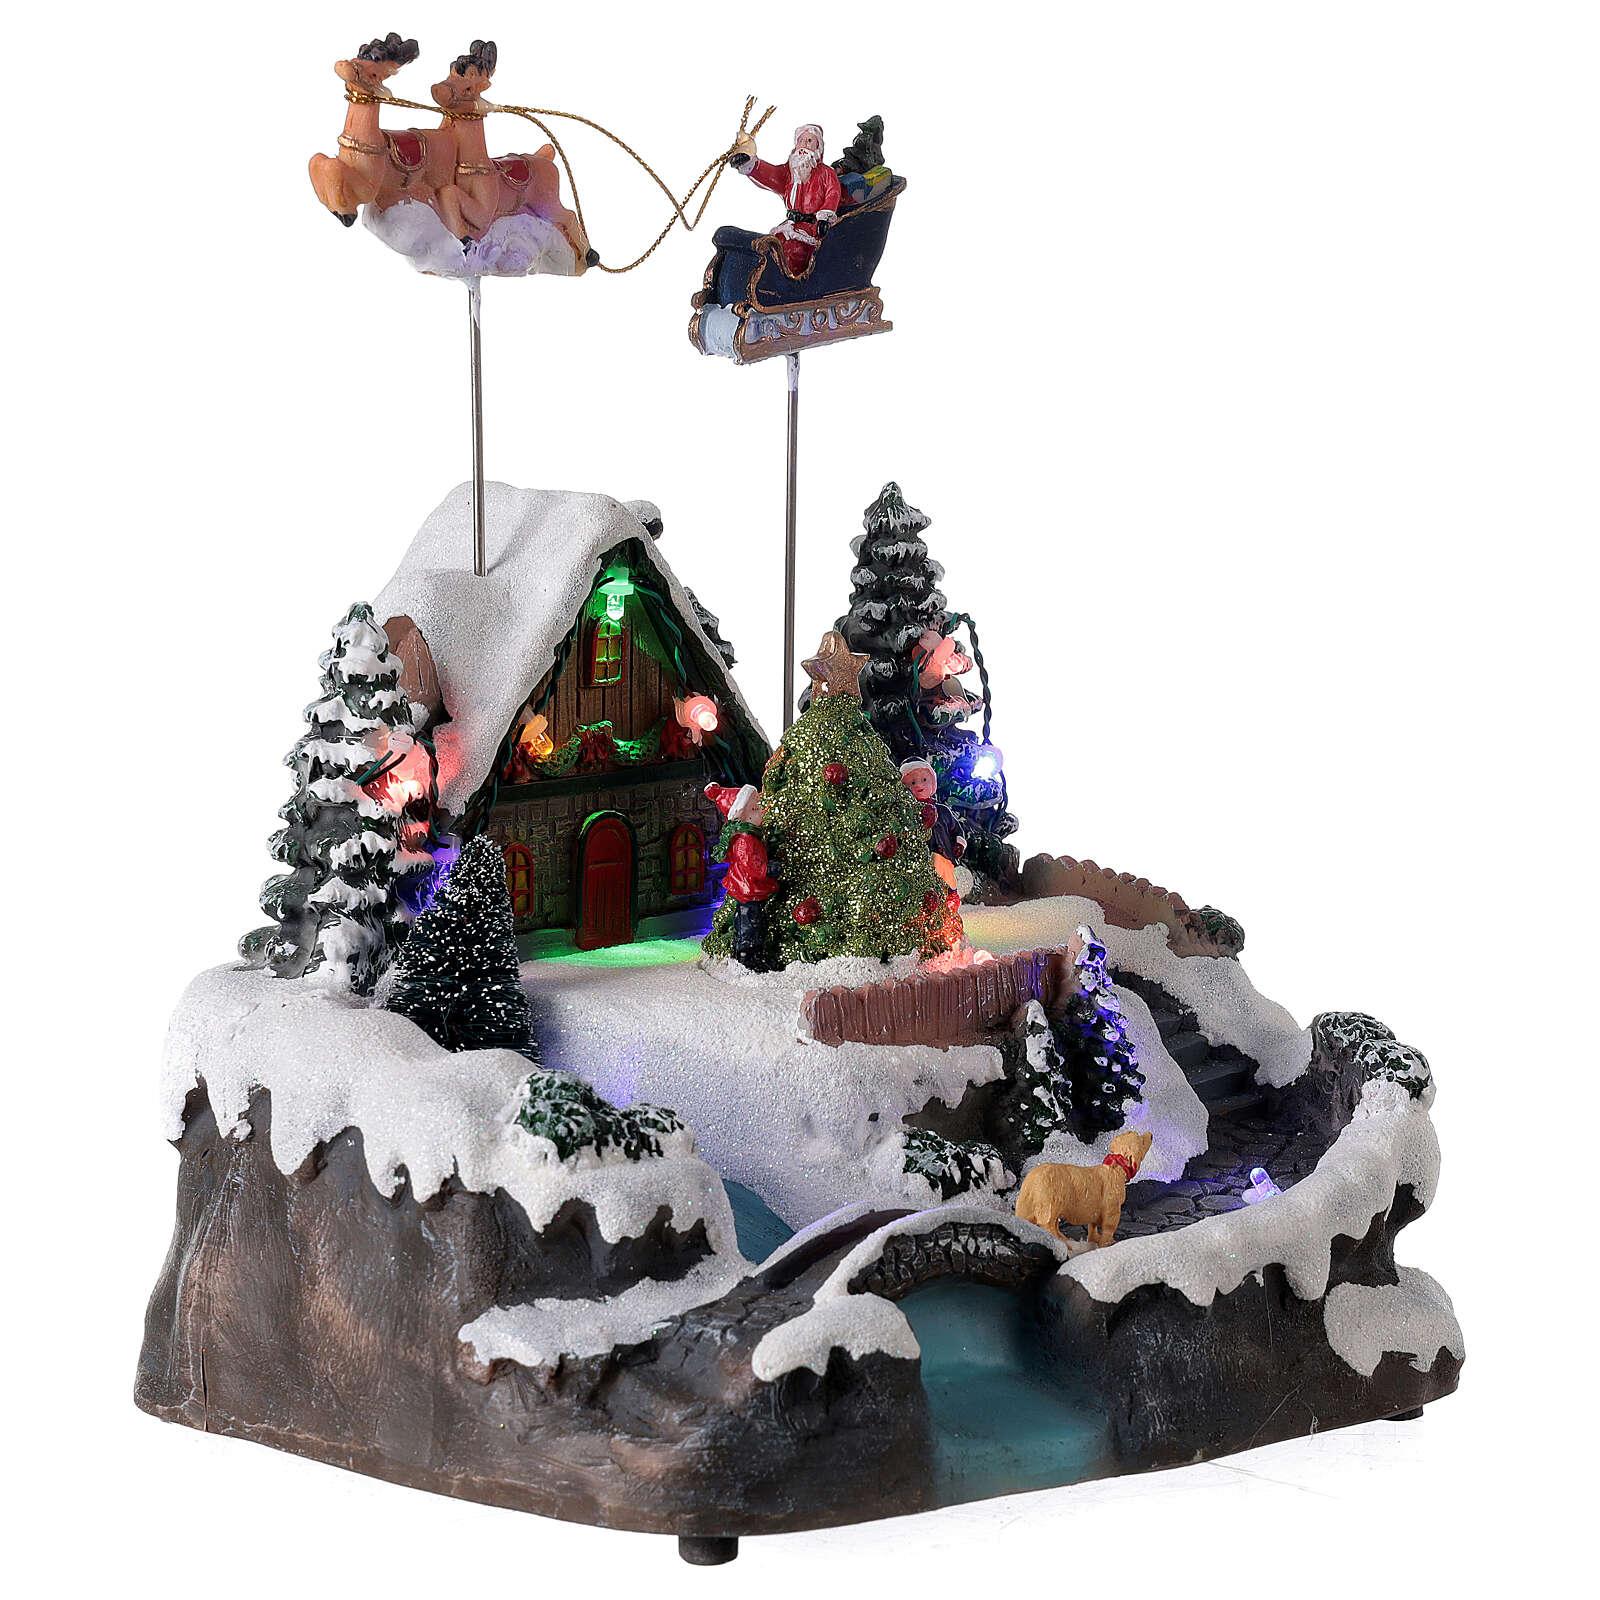 Villaggio Babbo Natale luci musica torrente 25x20x20 cm 3